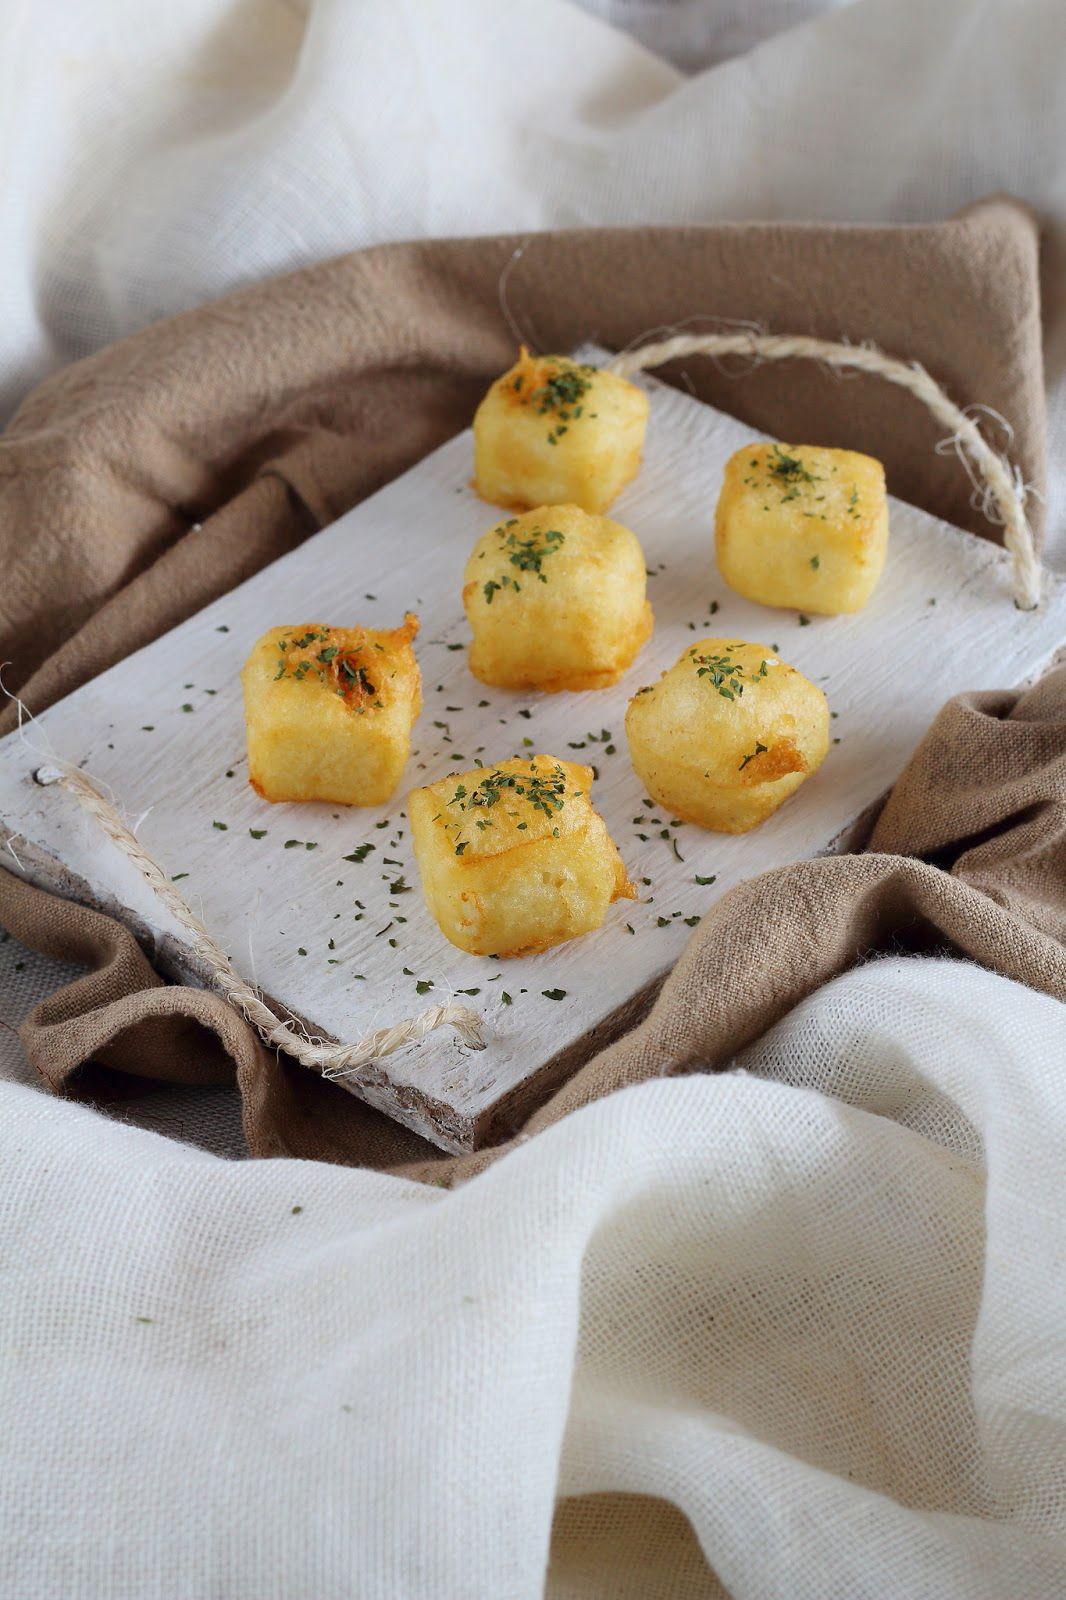 Buuelos de bacalao y piones tickets albert adri recipes food forumfinder Image collections